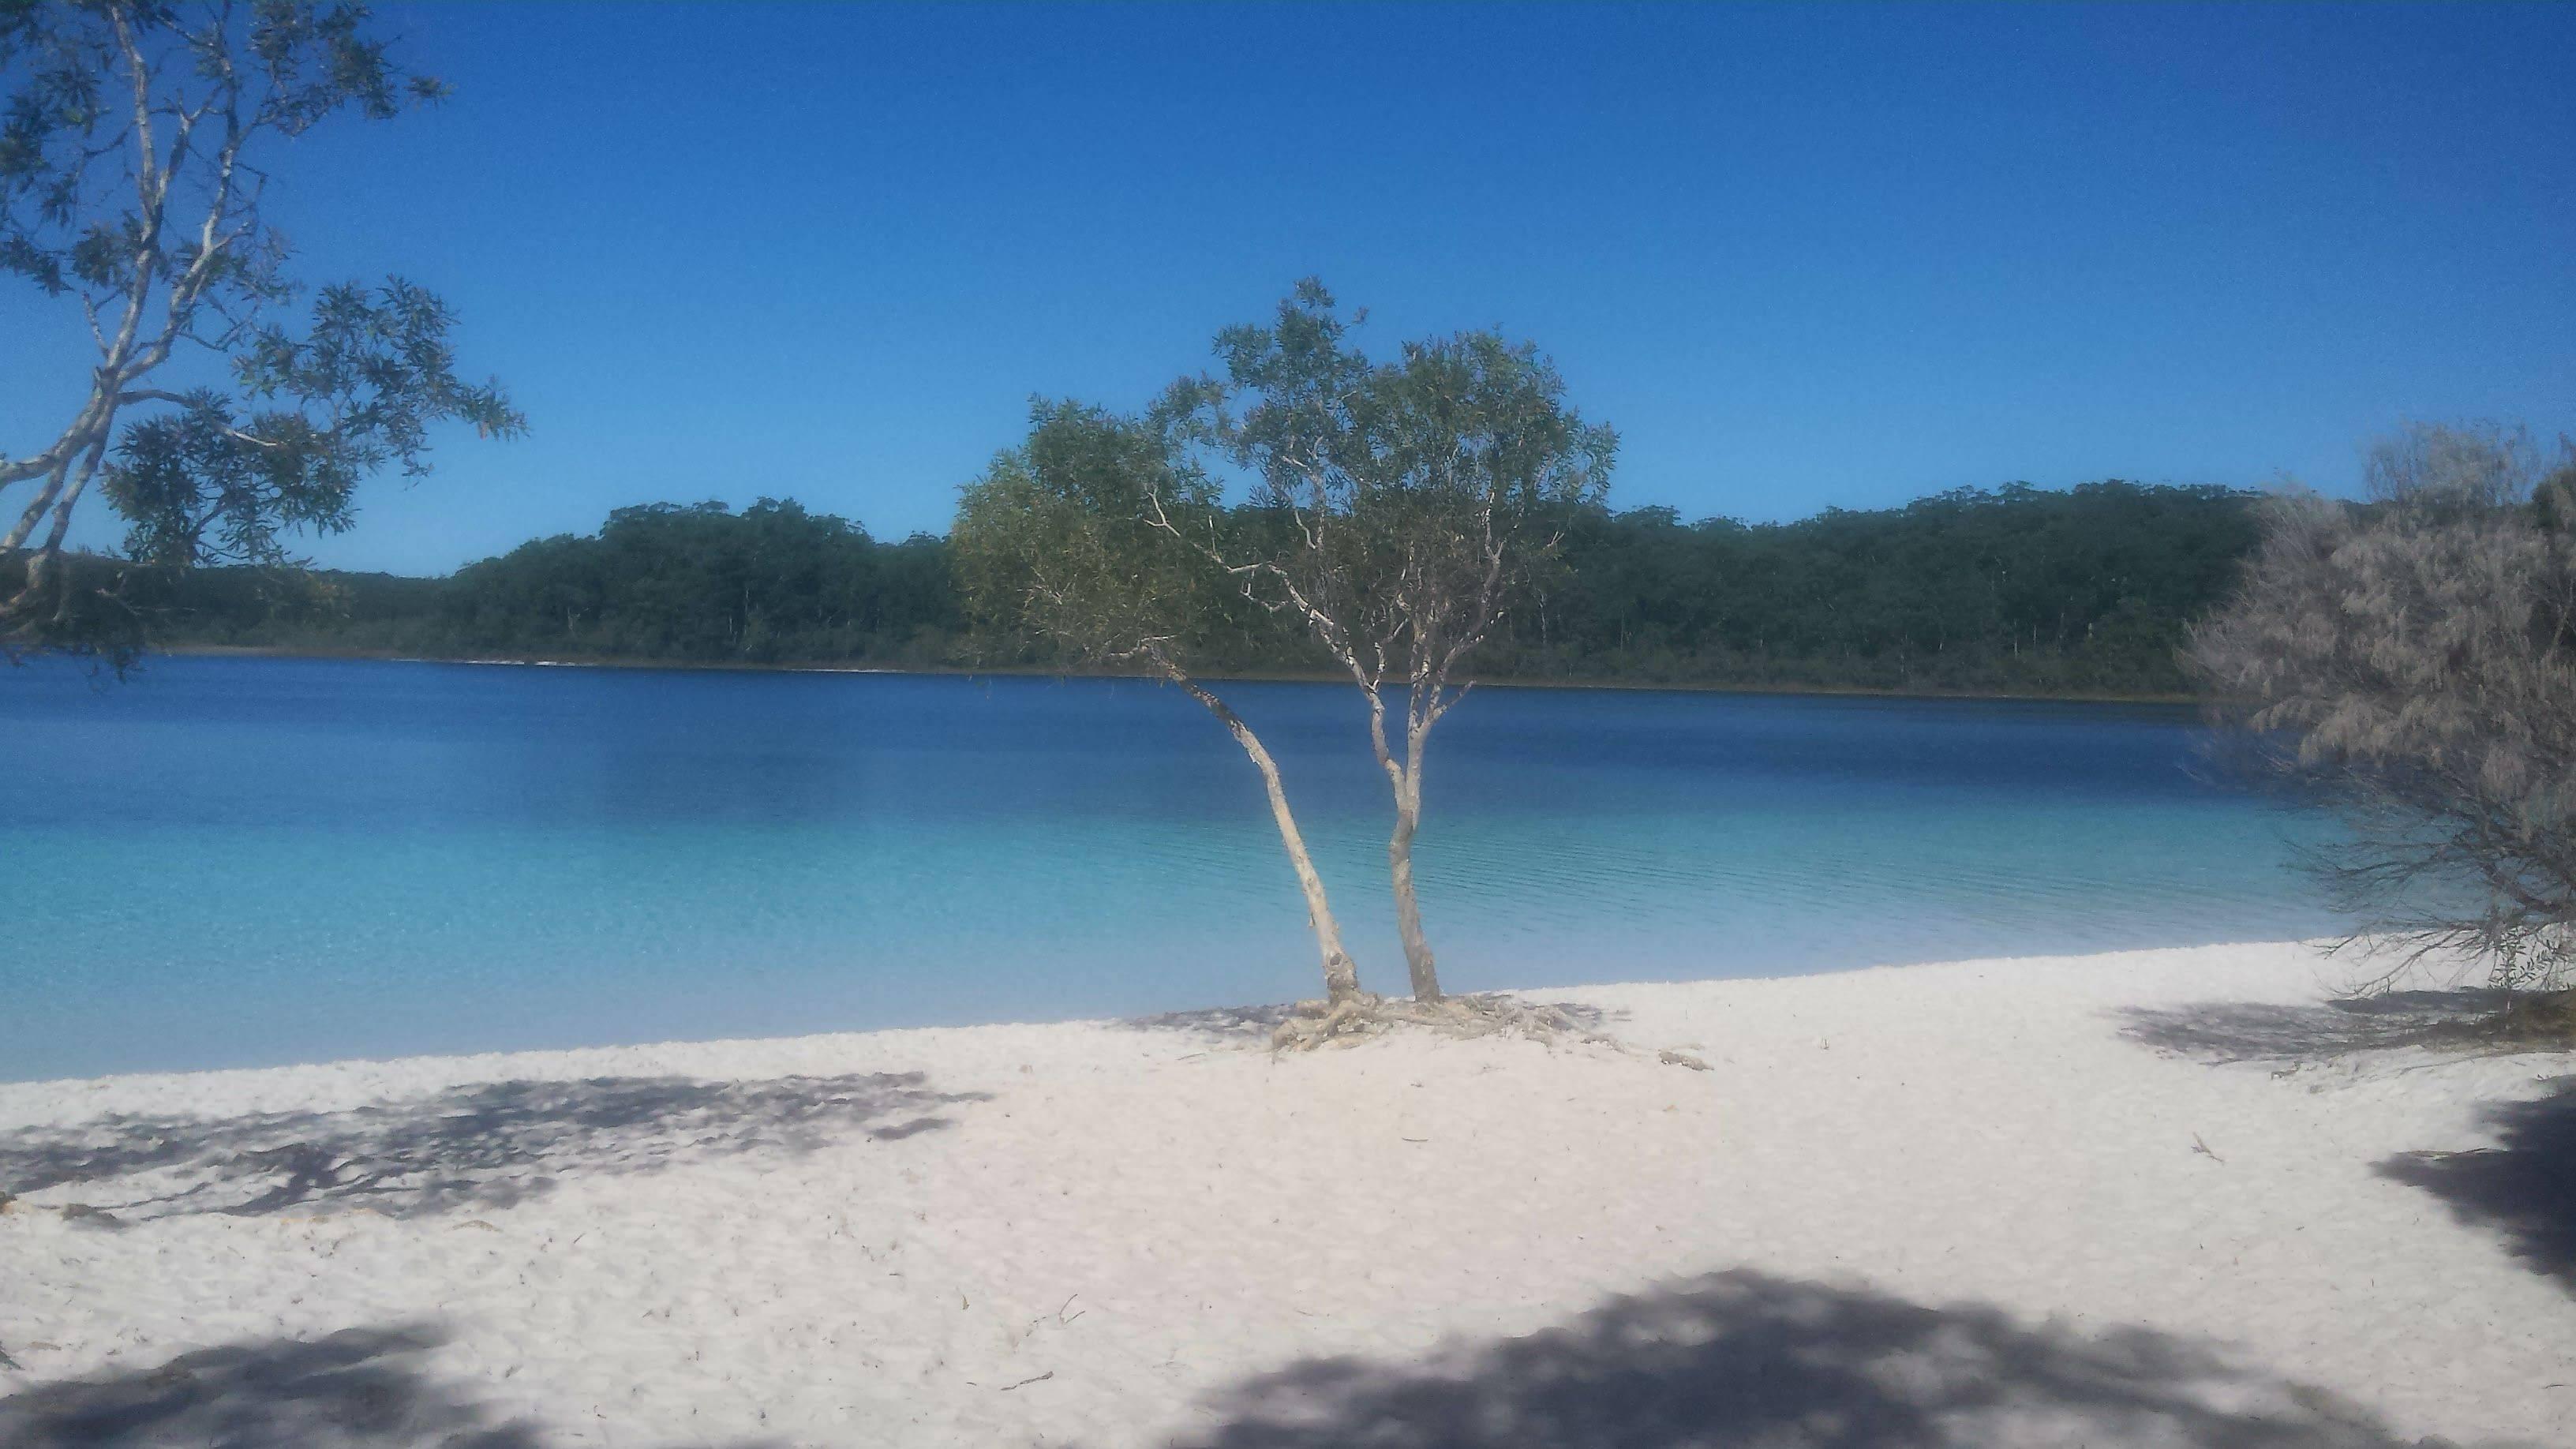 Photo 3: Fraser Island, un tour en 4x4 et des souvenirs inoubliables !